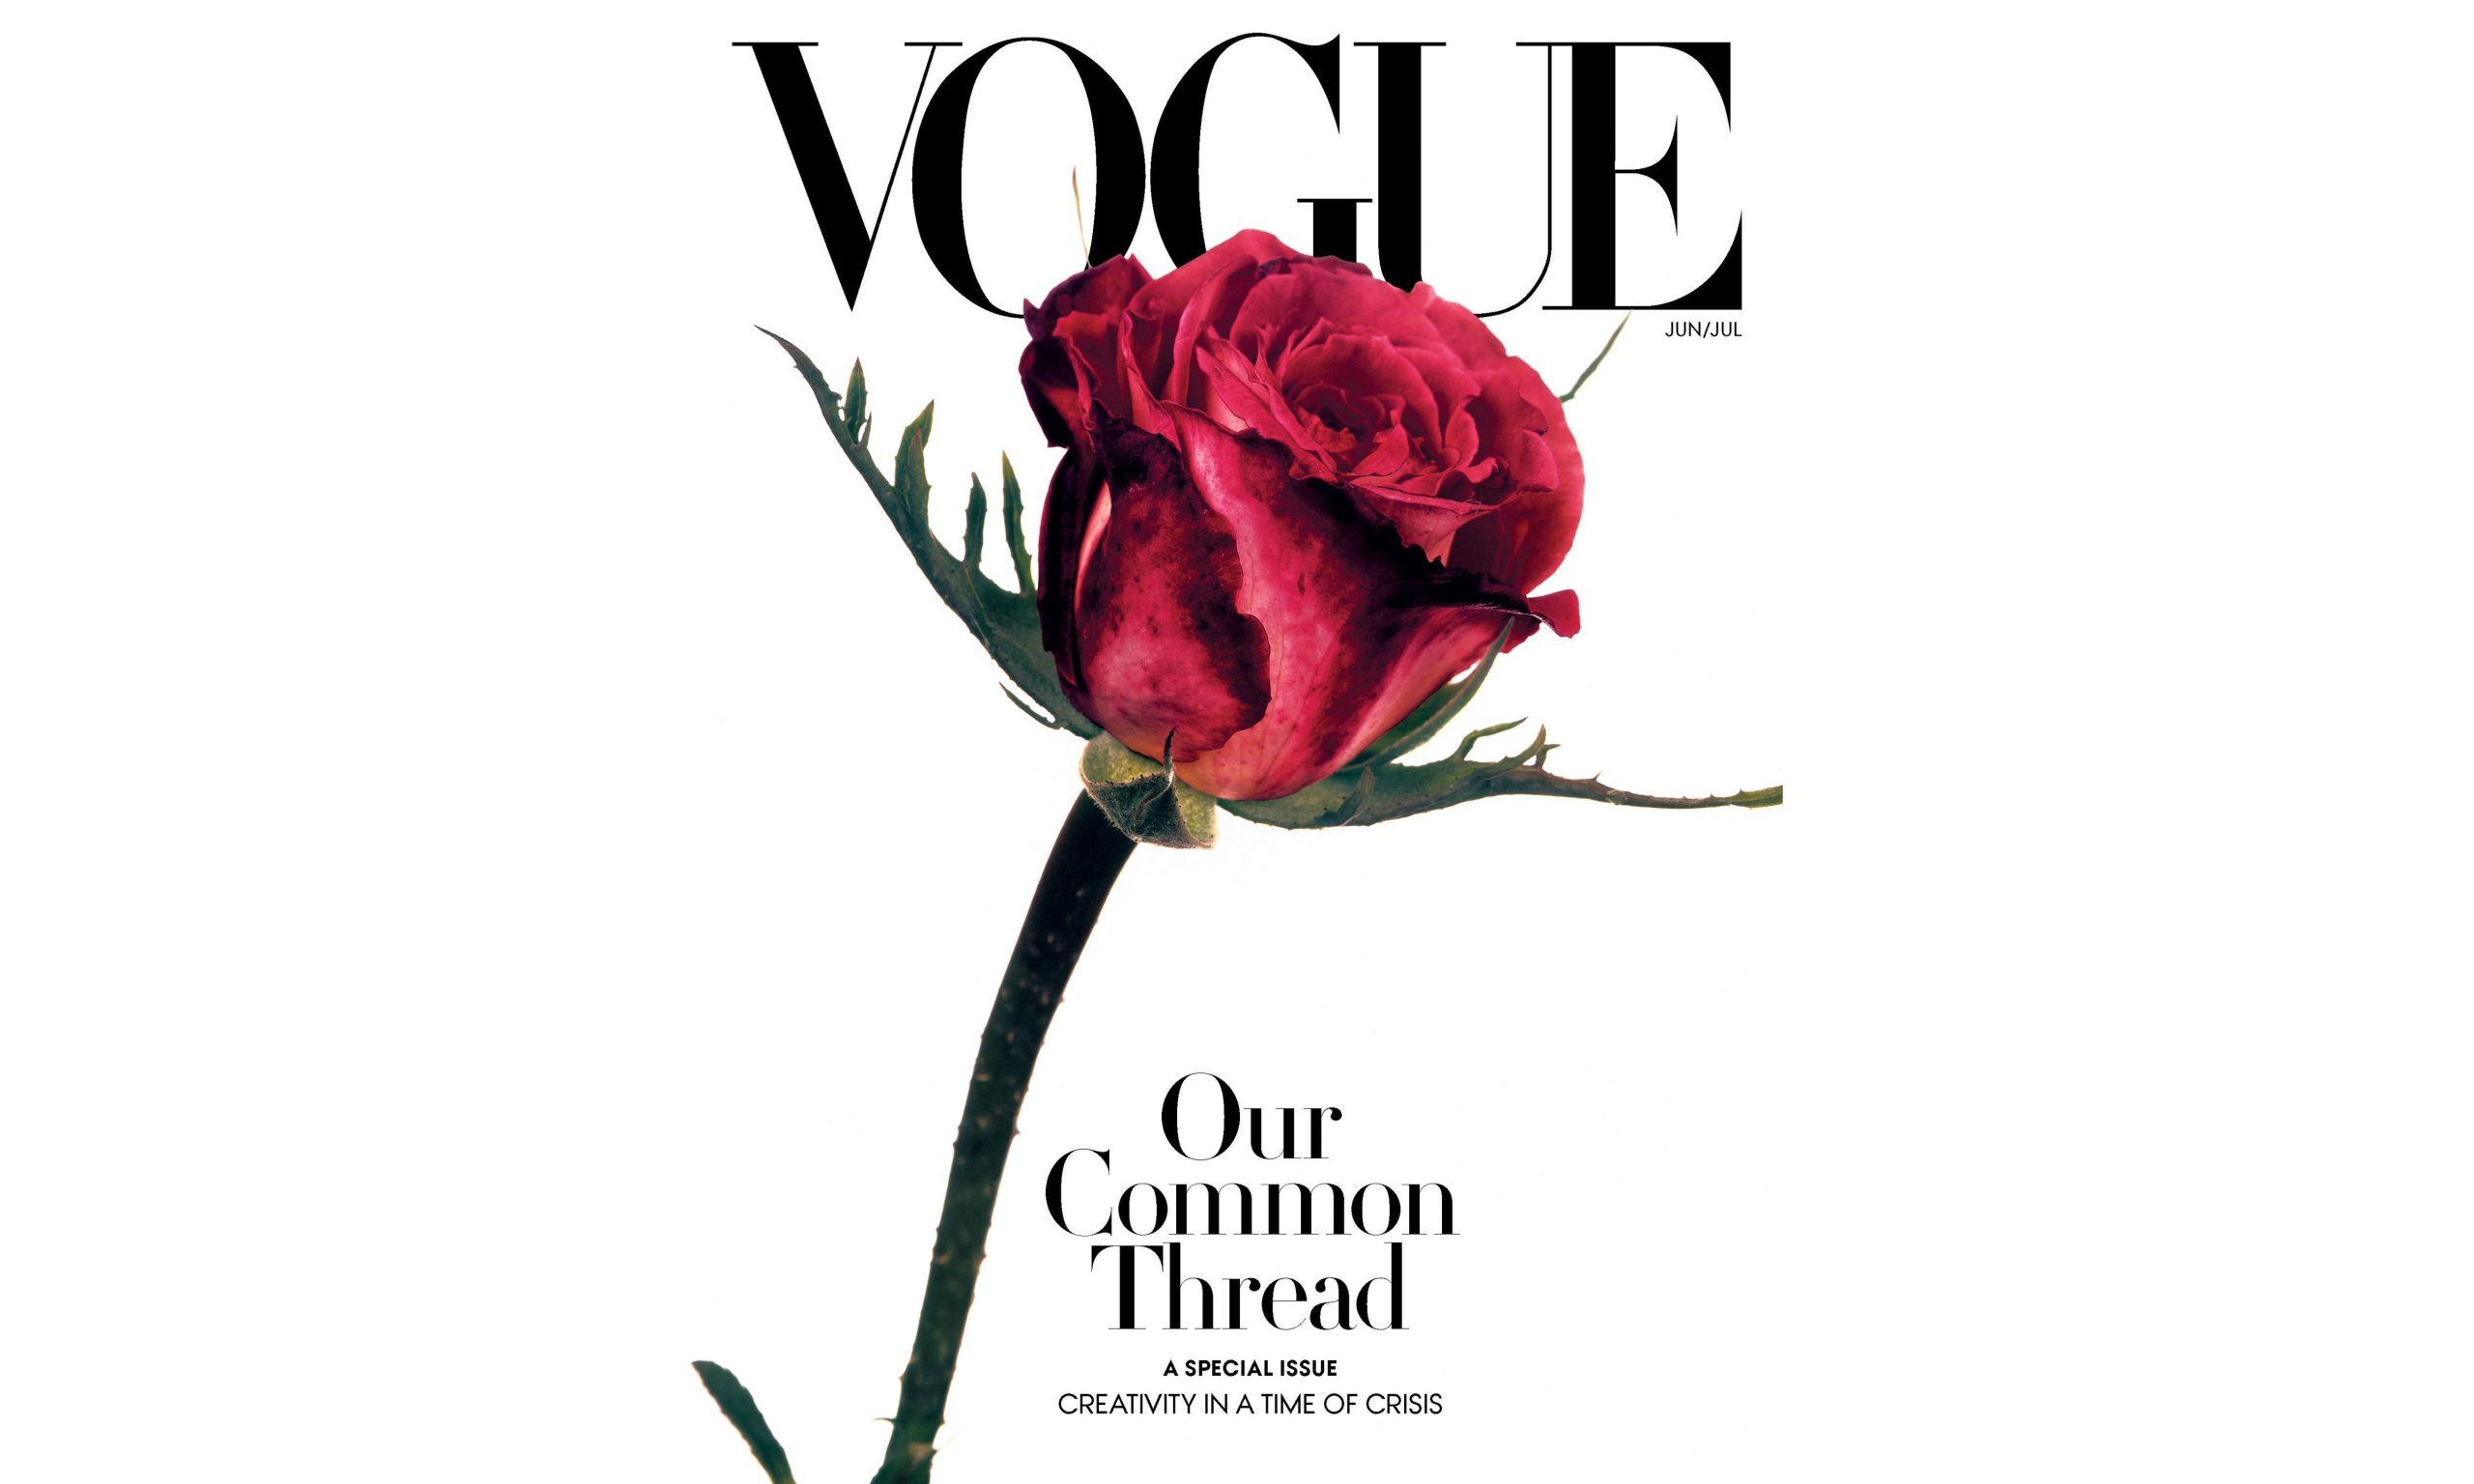 美版《VOGUE》合并发布 6 月与 7 月刊